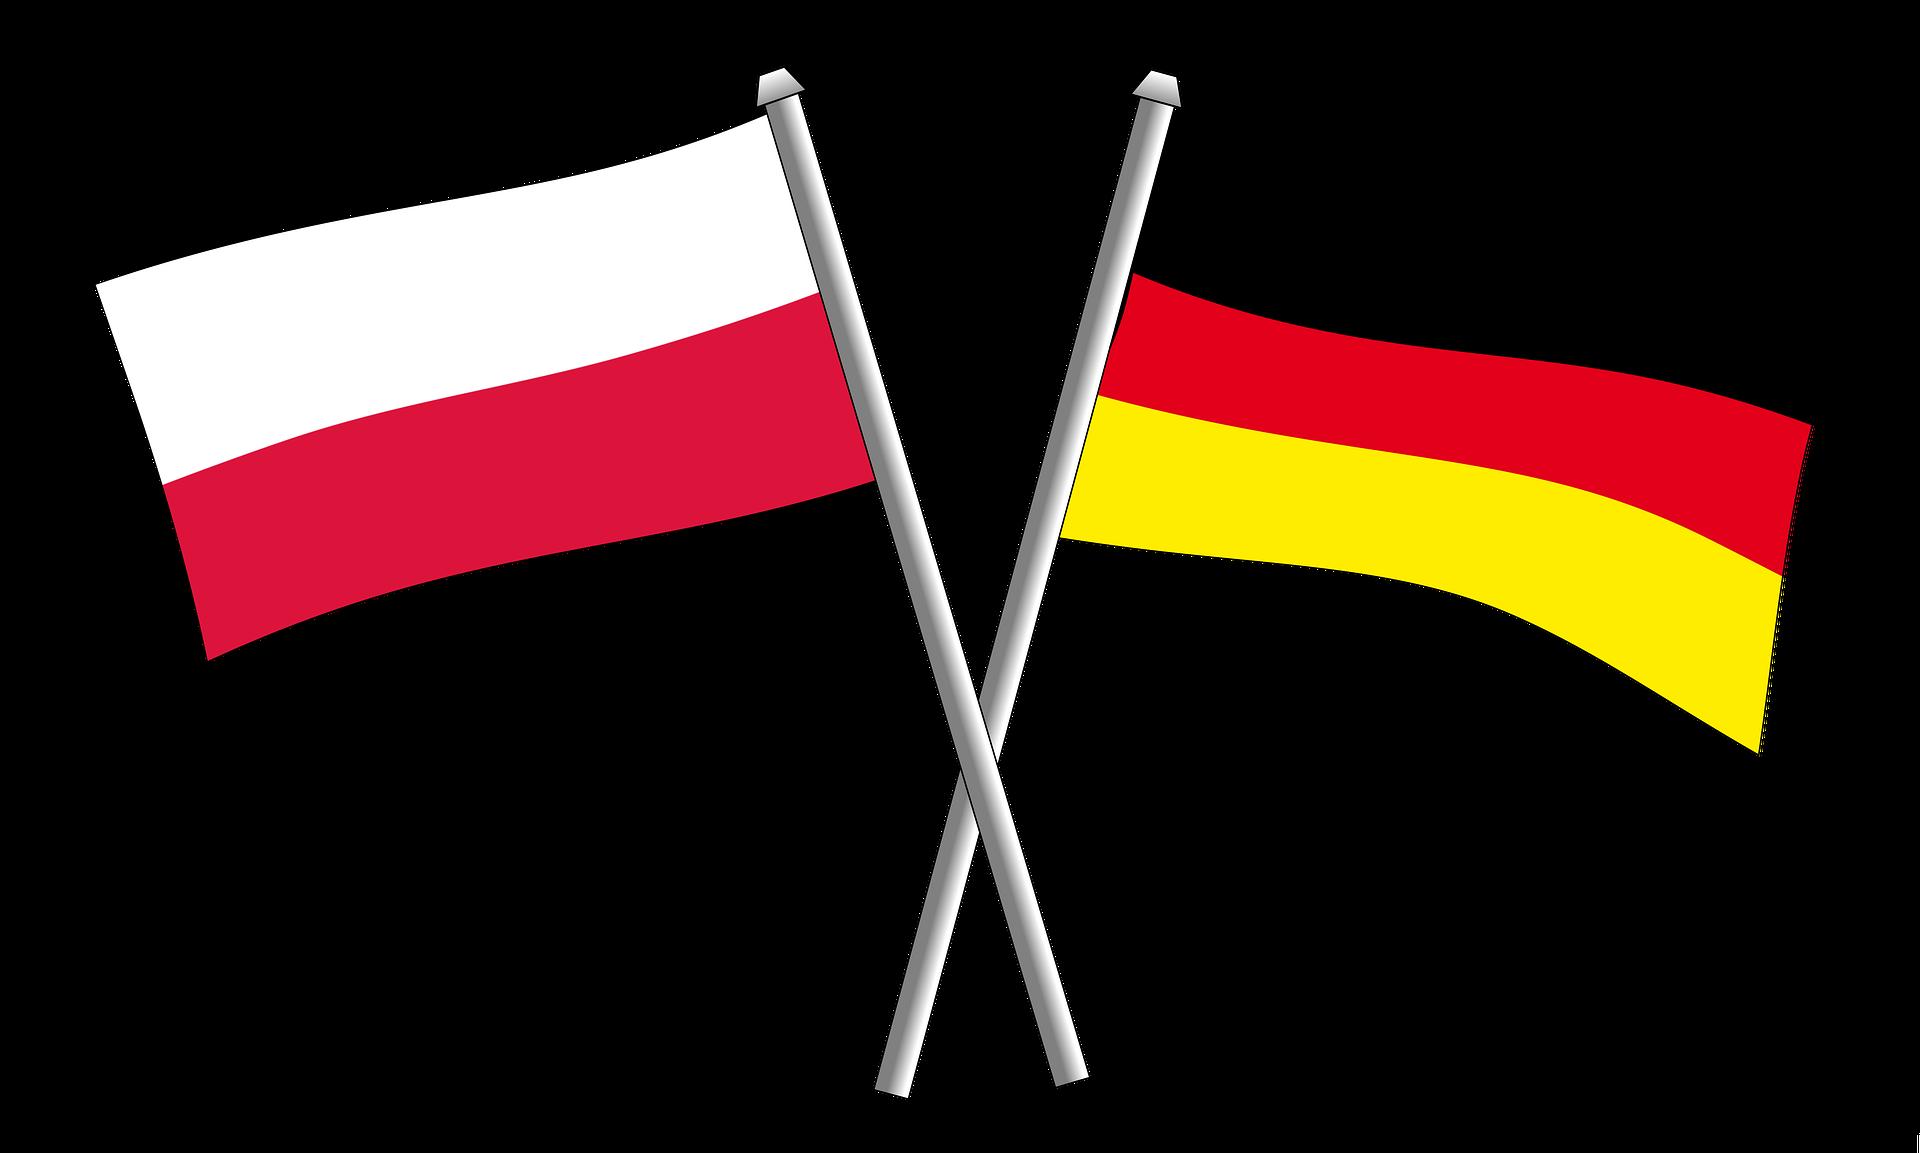 Polen kritisiert Deutschland scharf: Darum geht es